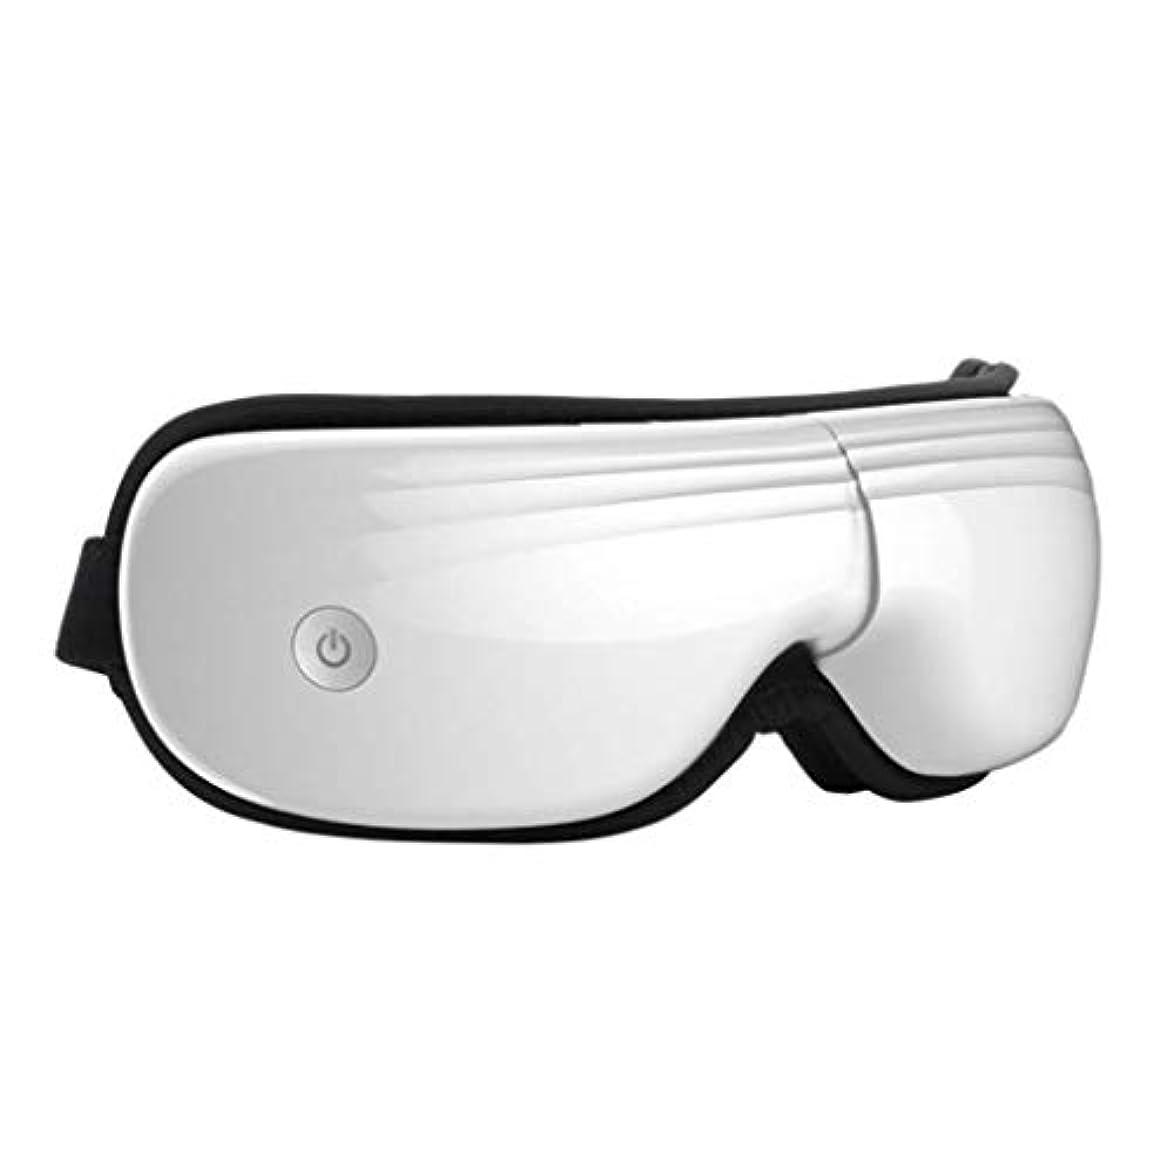 仕事雪だるまを作るグラマーアイマッサージャー、充電式ポータブルアイマッサージツール、スマート、音楽リラクゼーション、暖房、振動、空気圧縮、視力保護、疲労回復、睡眠促進 (Color : 白)